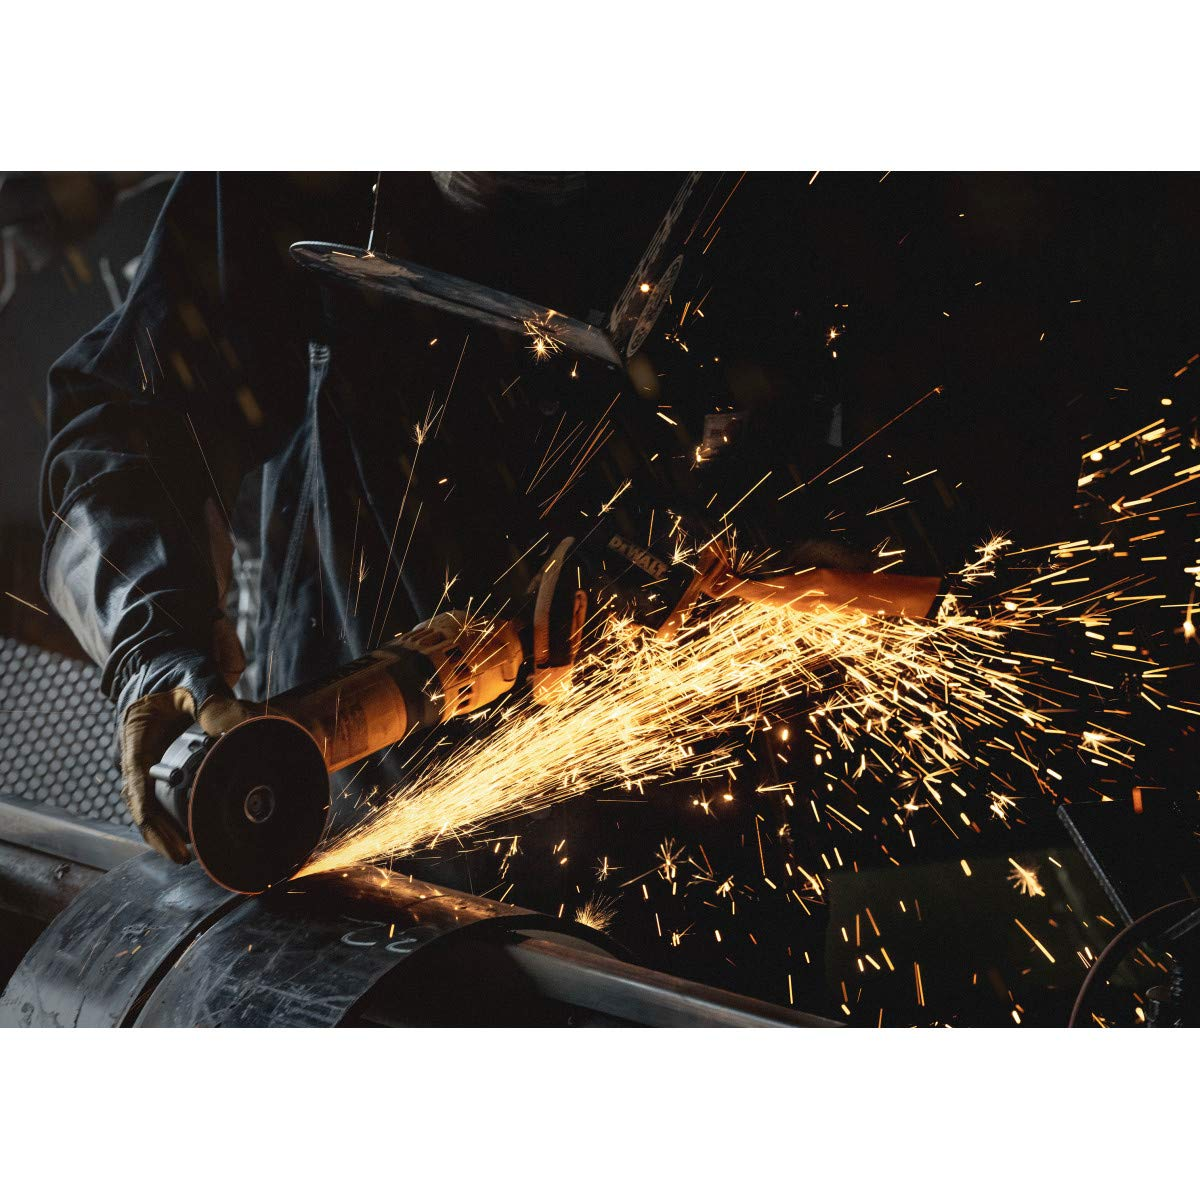 DEWALT DXMF04051MD Premium Leather Welding Gloves, Medium by DEWALT (Image #6)